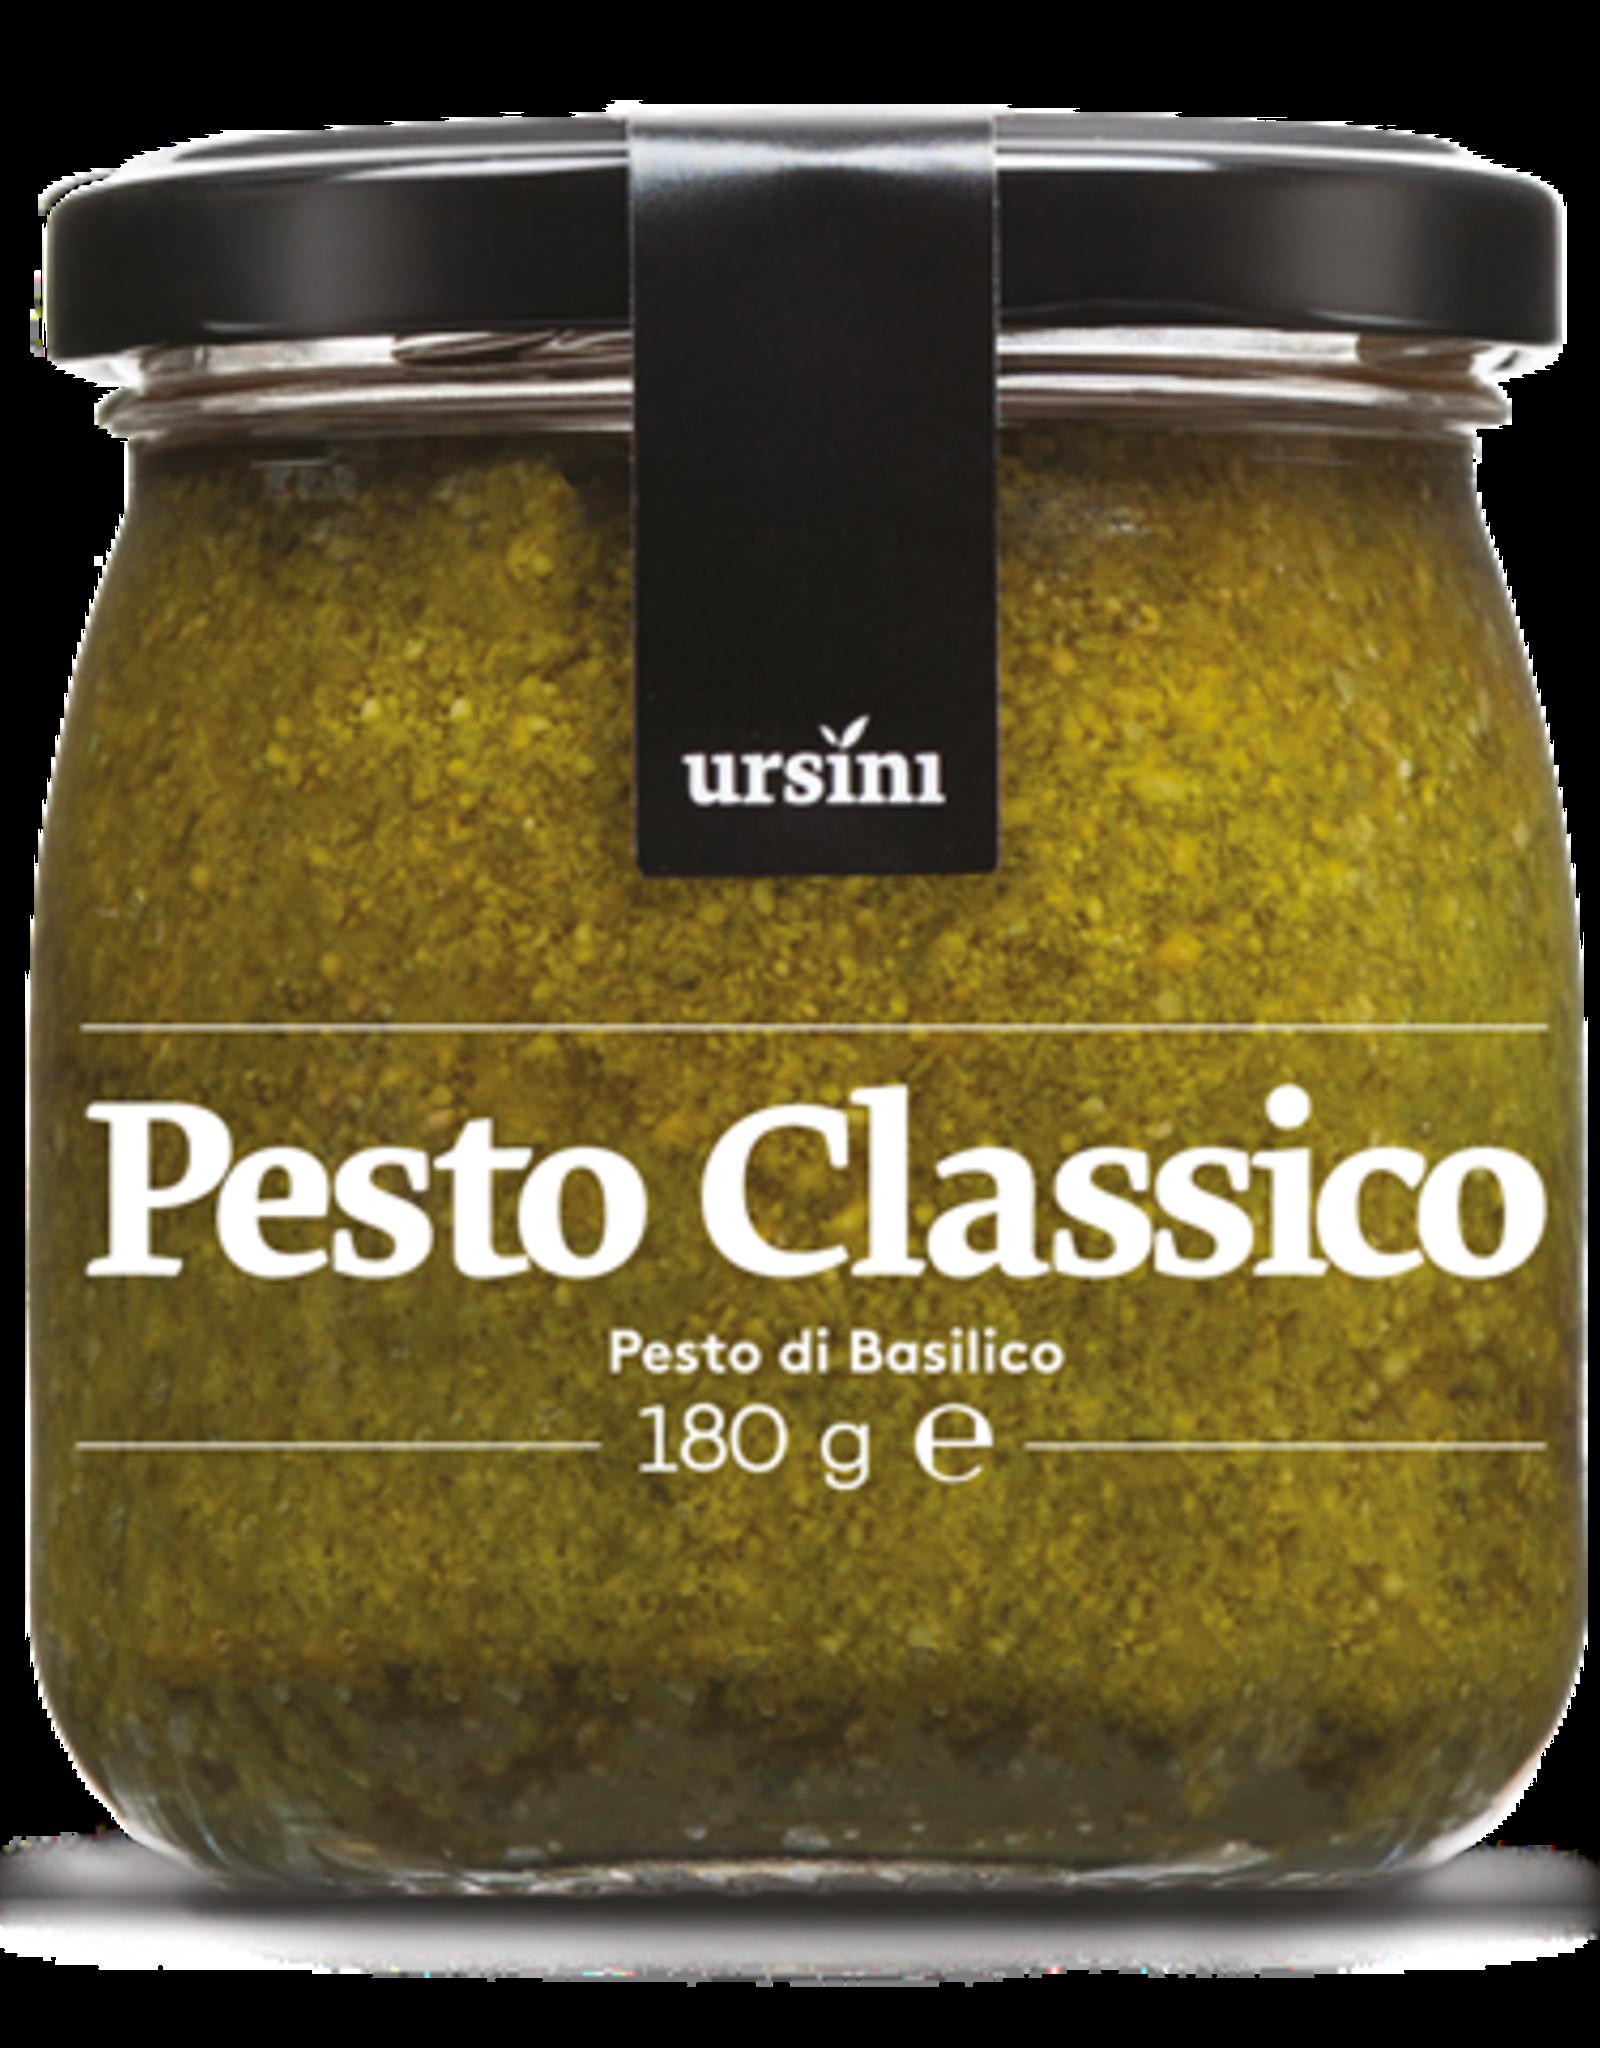 Ursini Pesto Classico, 180 g